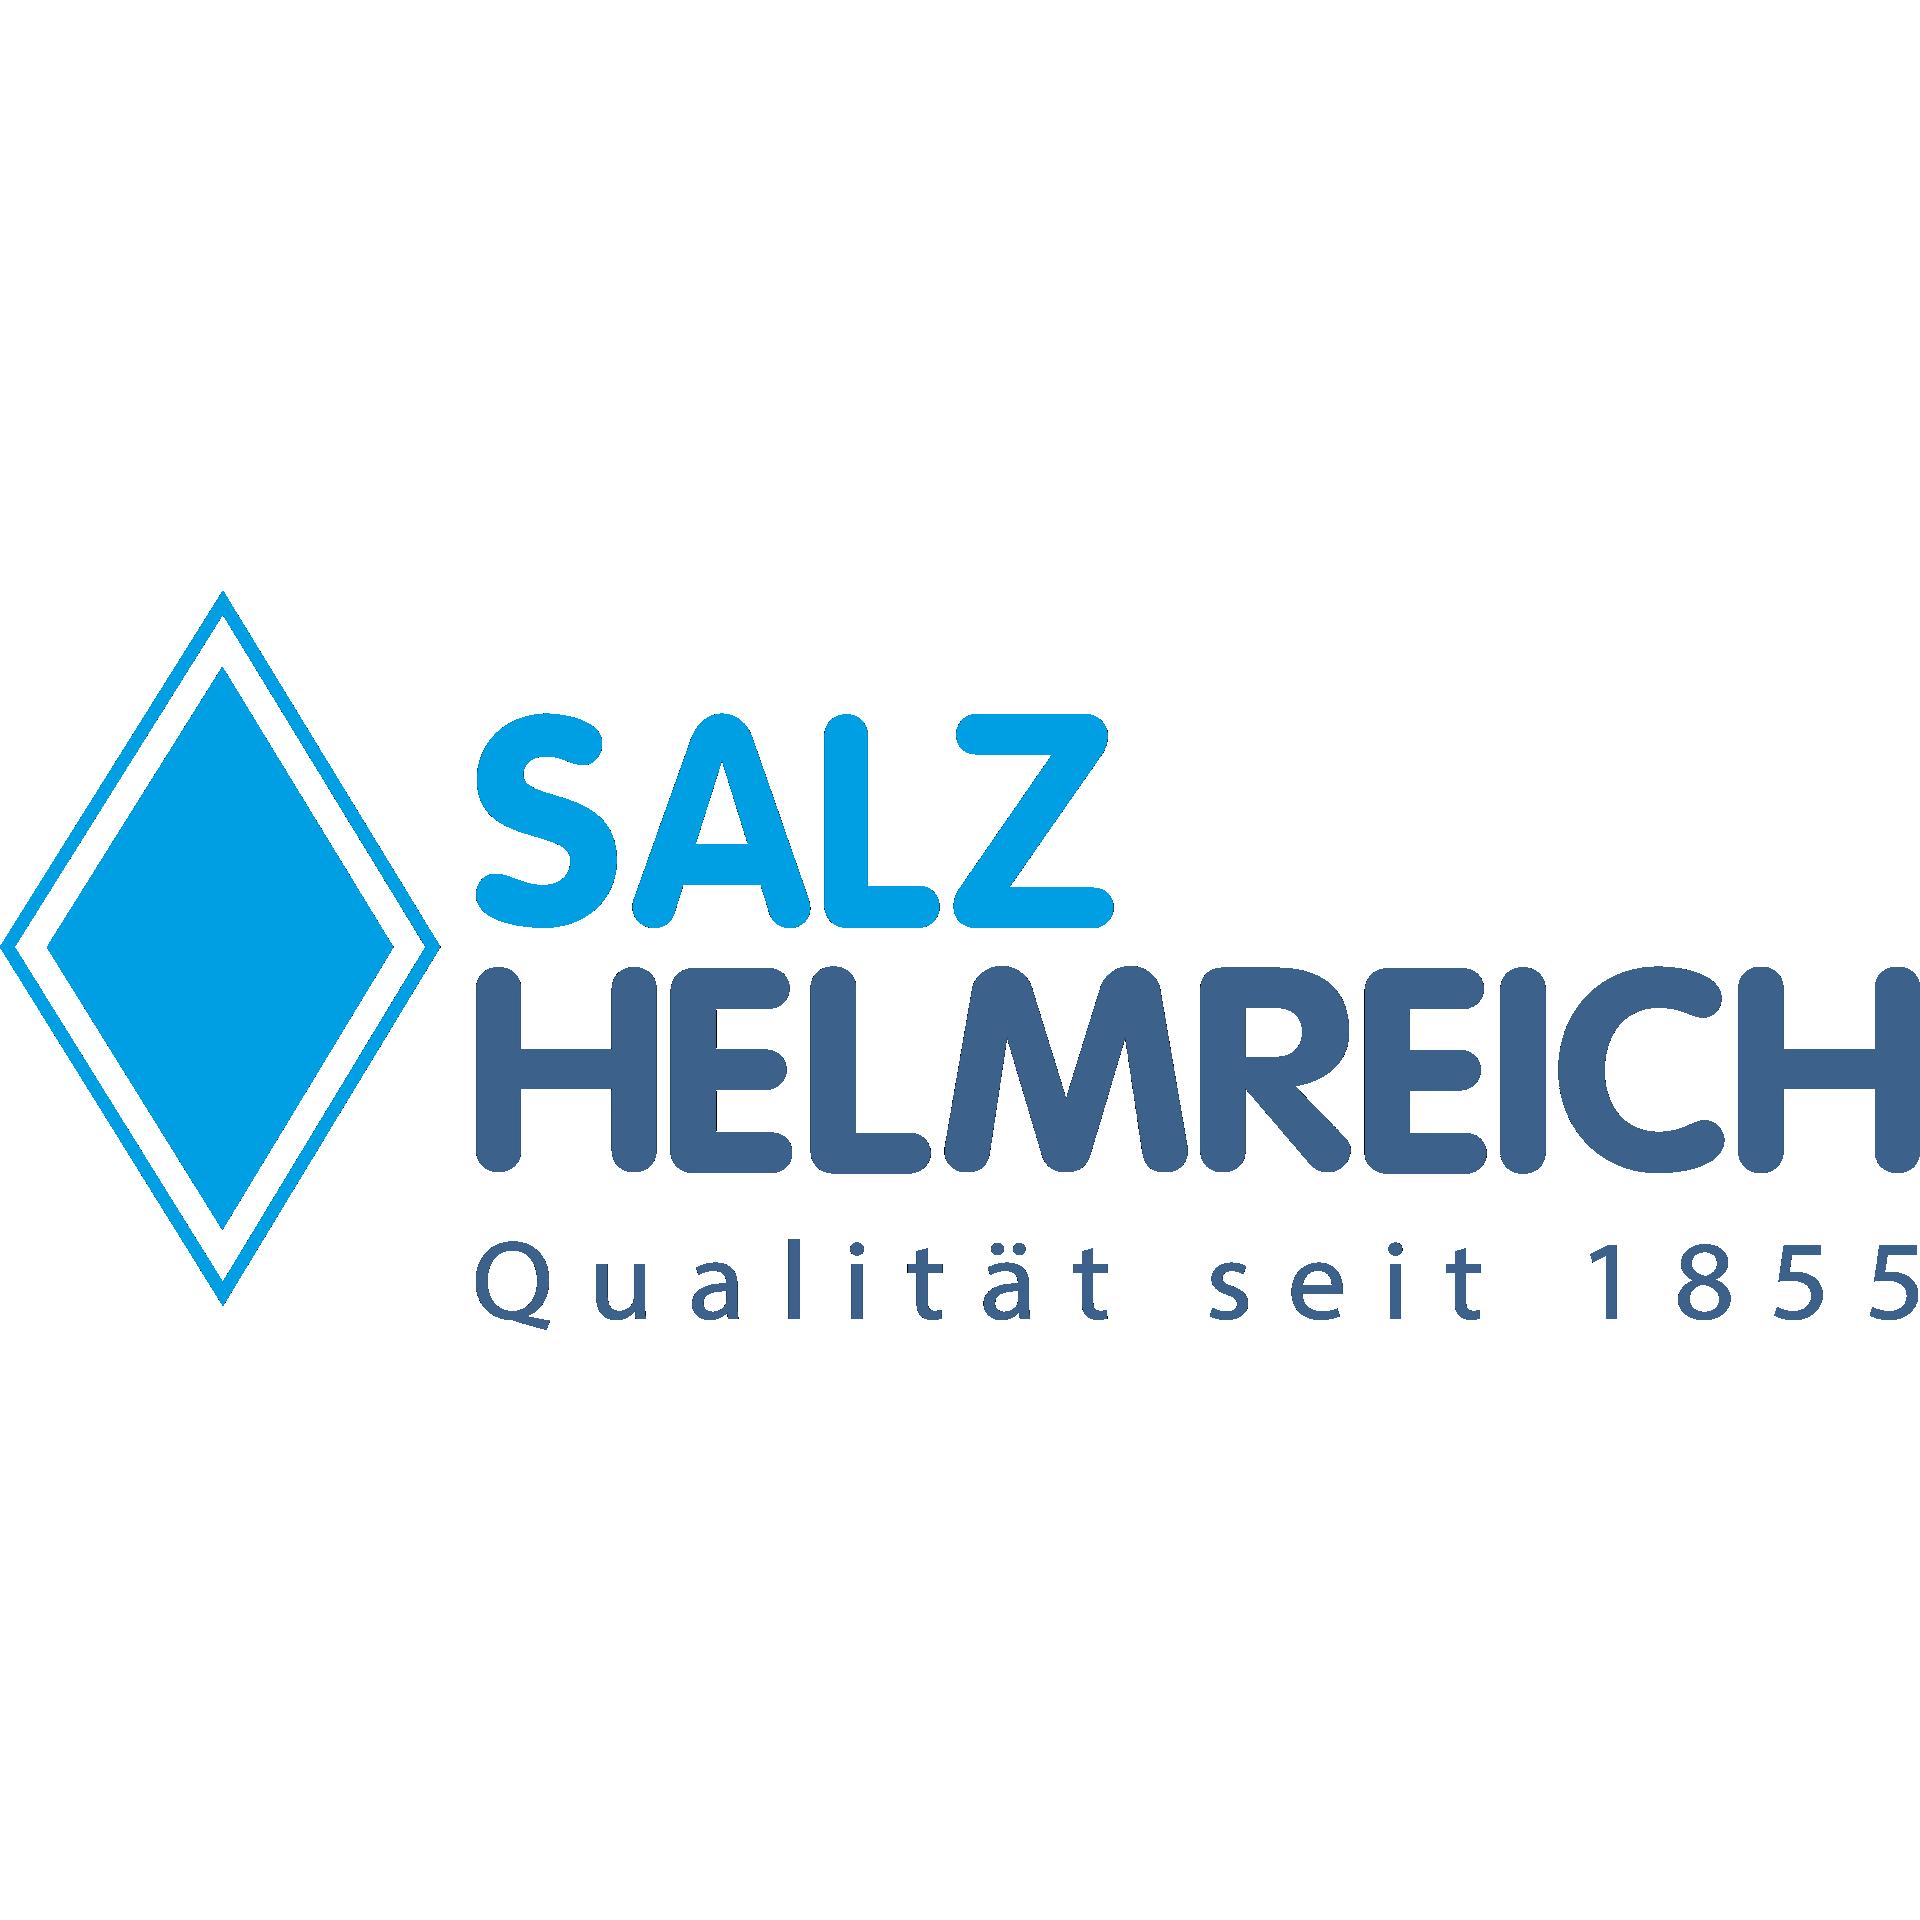 Bad Reichenhall Alpensalz - Siede Speisesalz fein  0 - 1mm im 25kg Sack